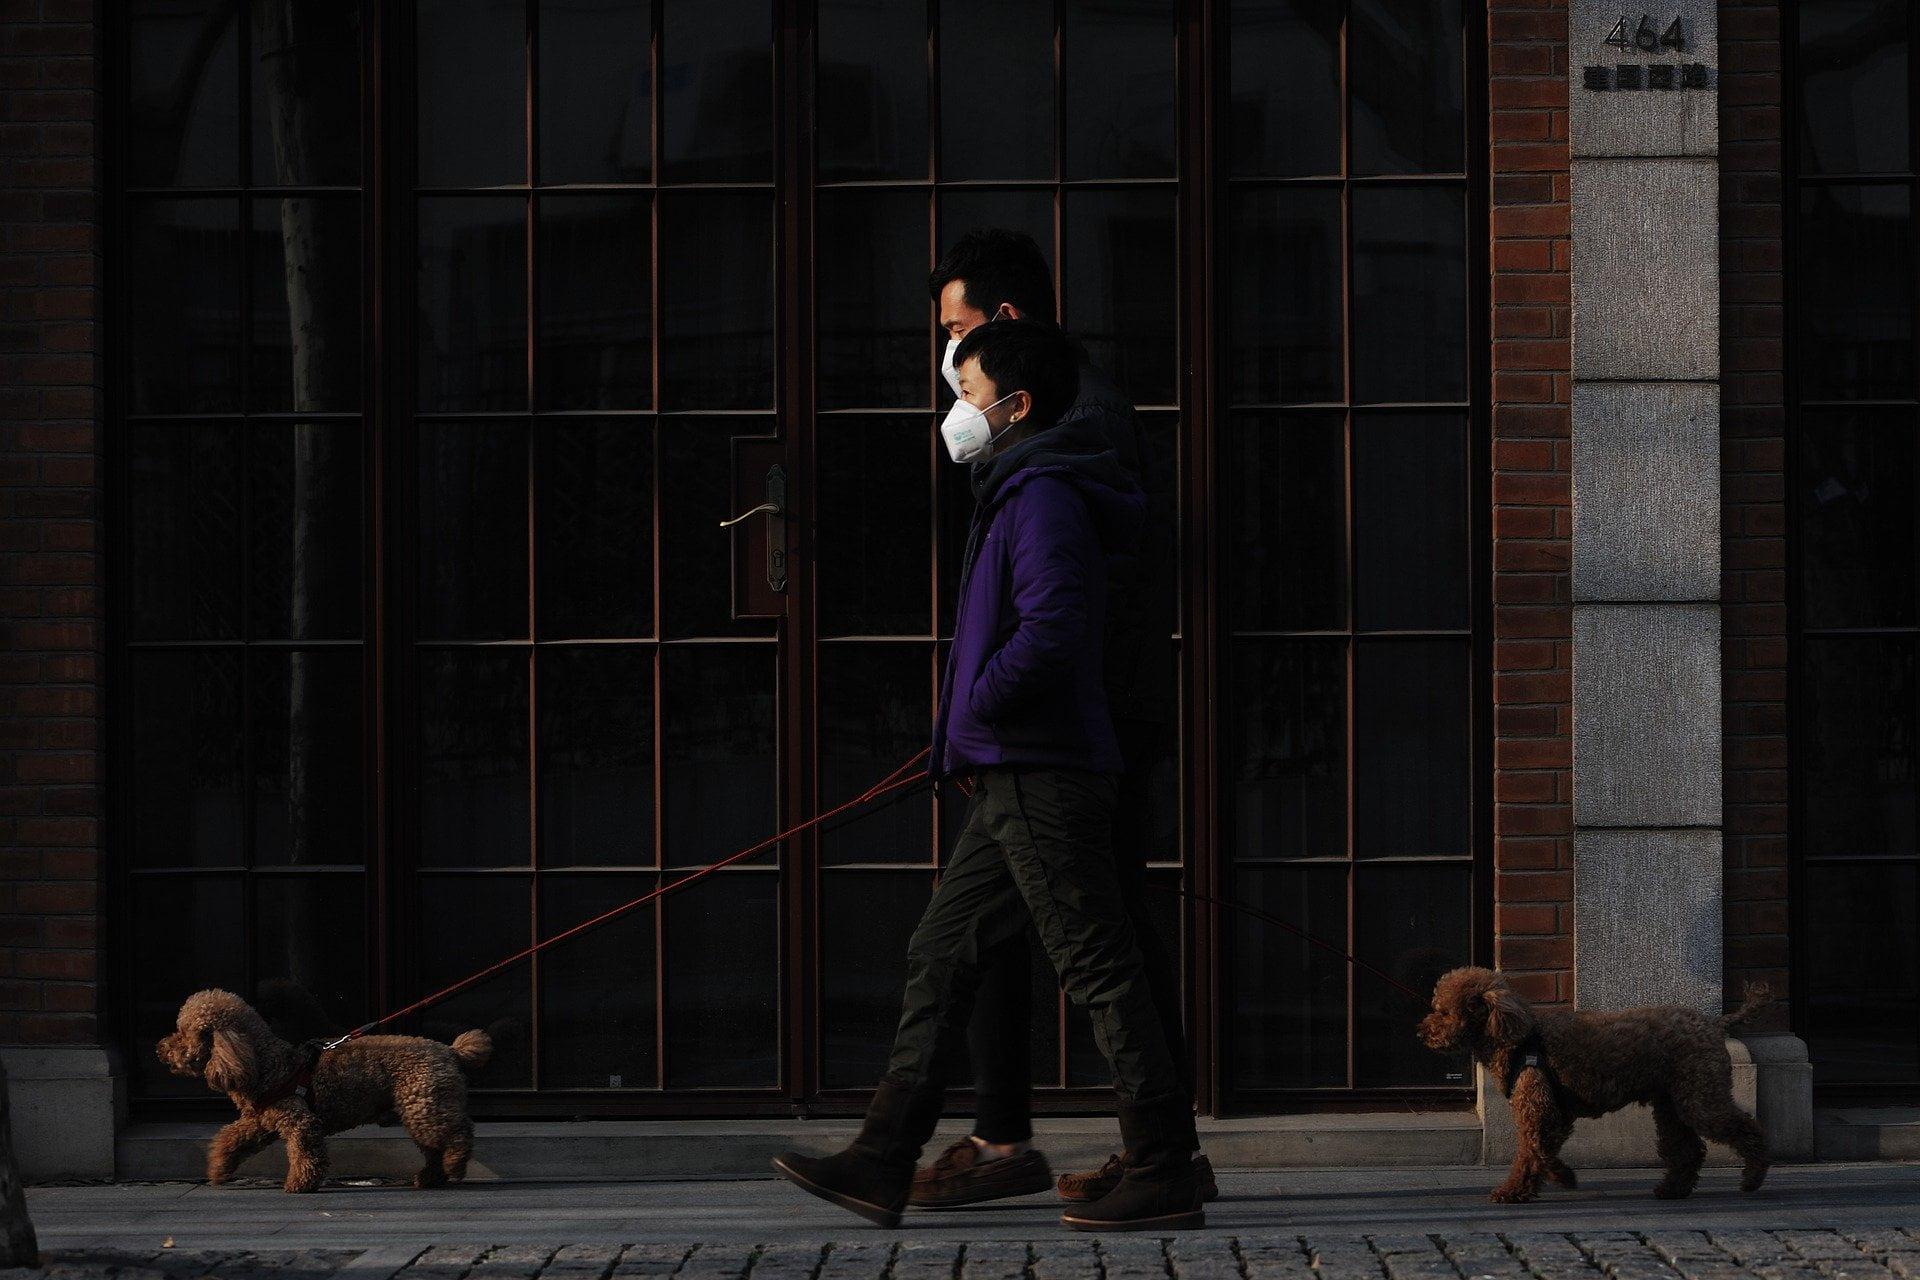 Enfermedad del Coronavirus Canino - ¿Pueden los perros contraer COVID-19? 1